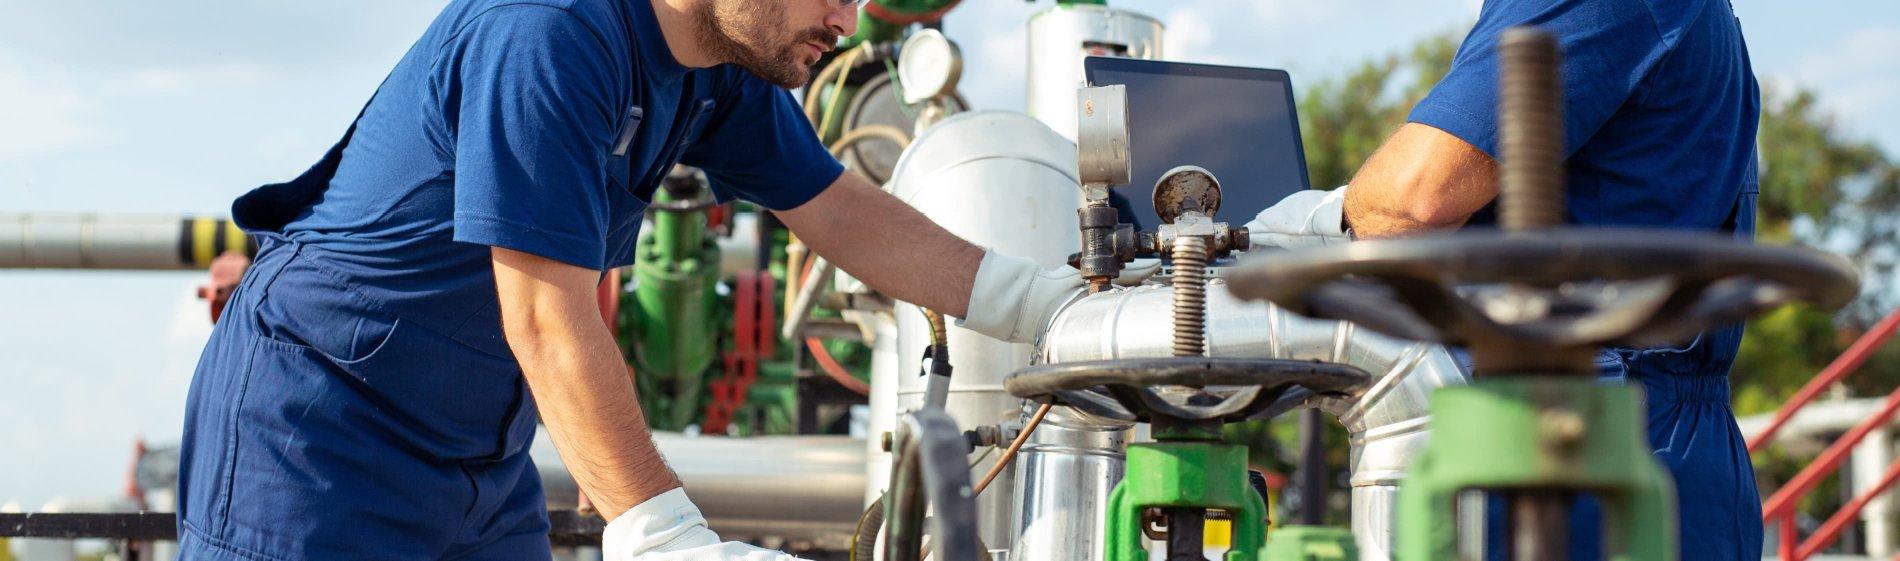 Seguridad, eficiencia y fiabilidad en el campo de trabajo